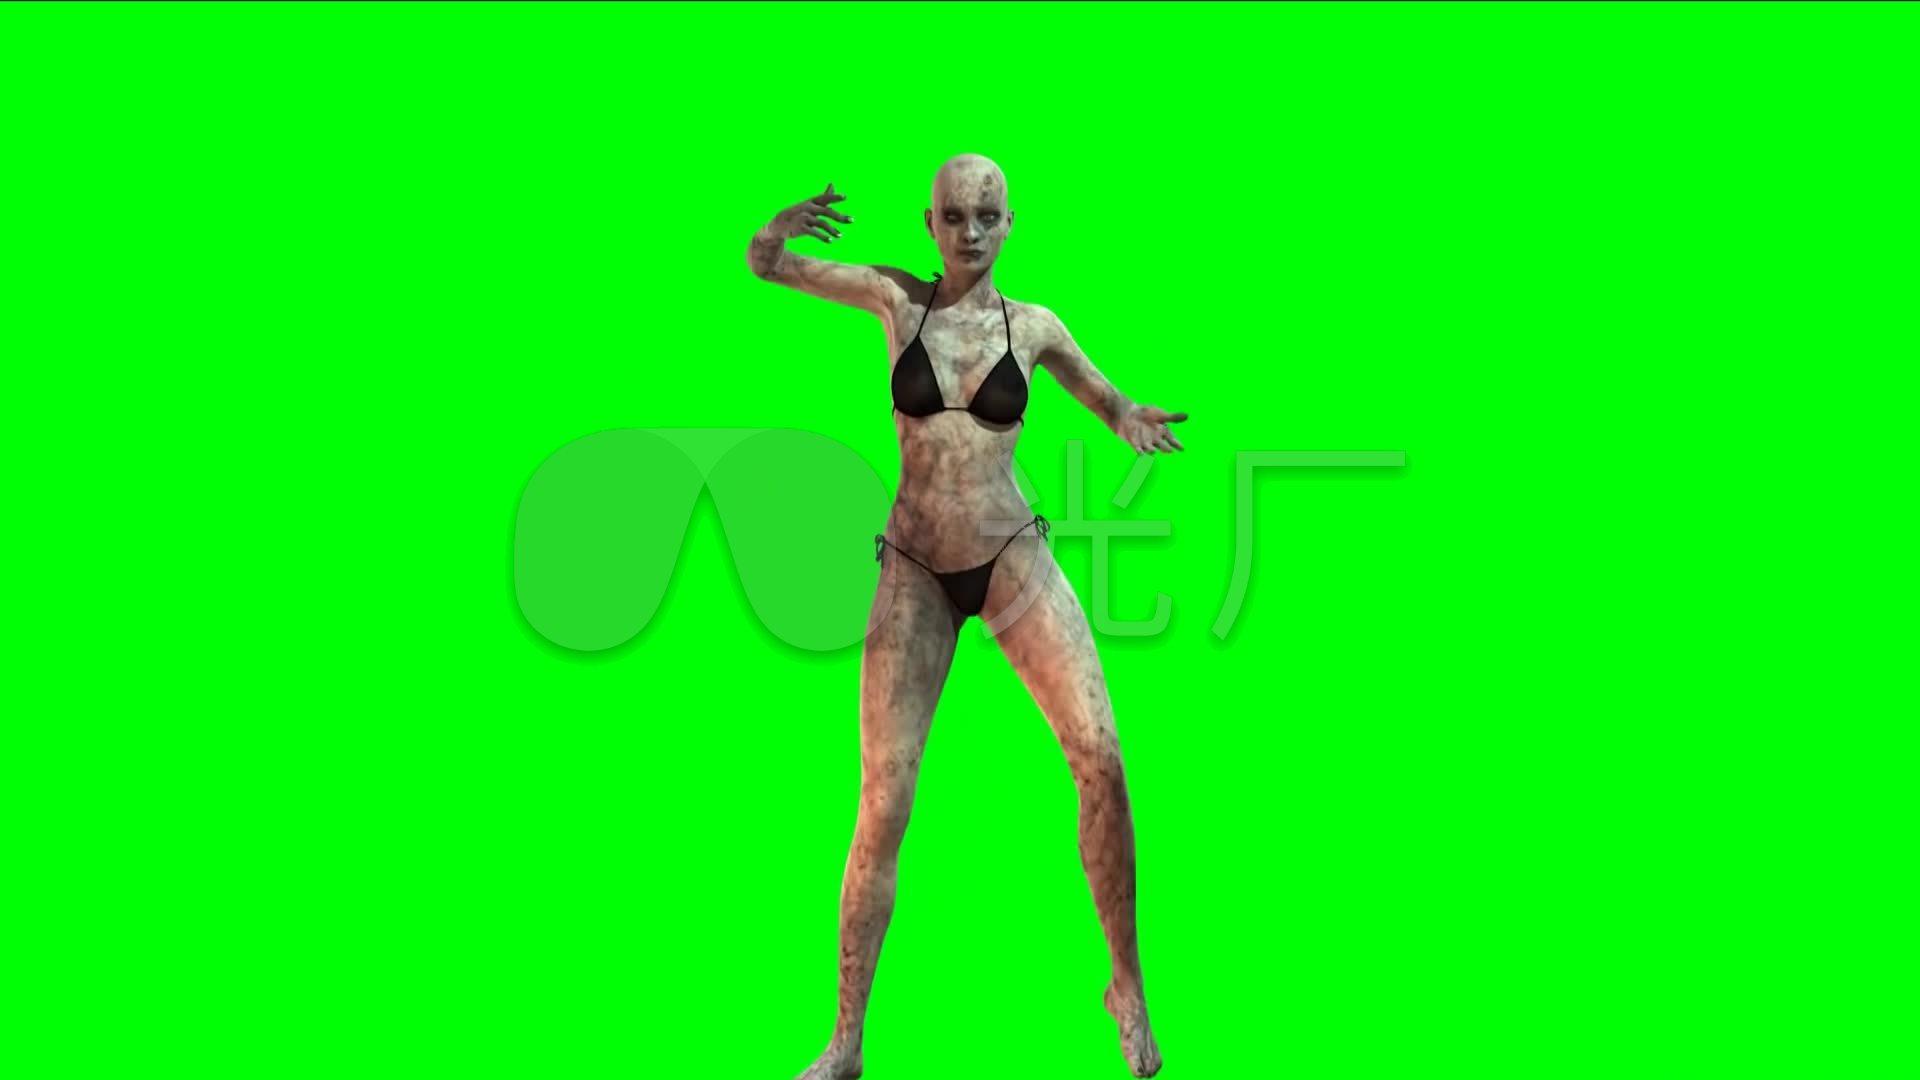 绿屏大全美女比基尼性感图片跳舞_1920X108特效性感杀大桥僵尸三国图片